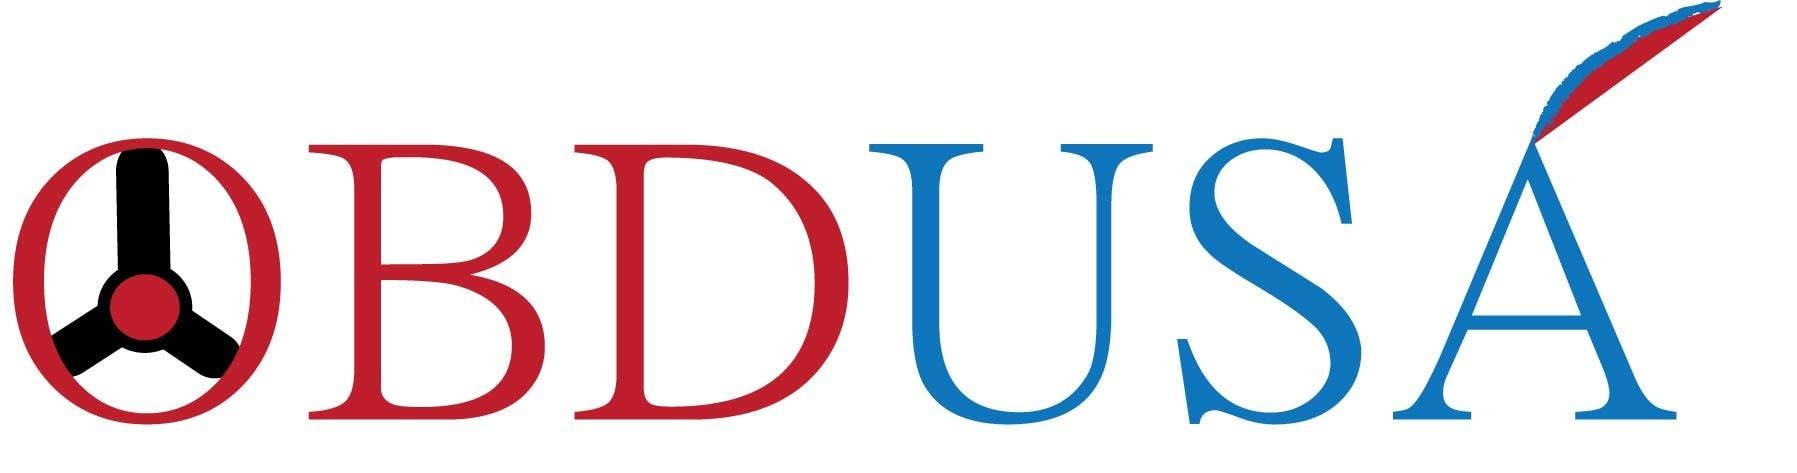 Konkurrenceindlæg #                                        28                                      for                                         Design a Logo for OBDUSA